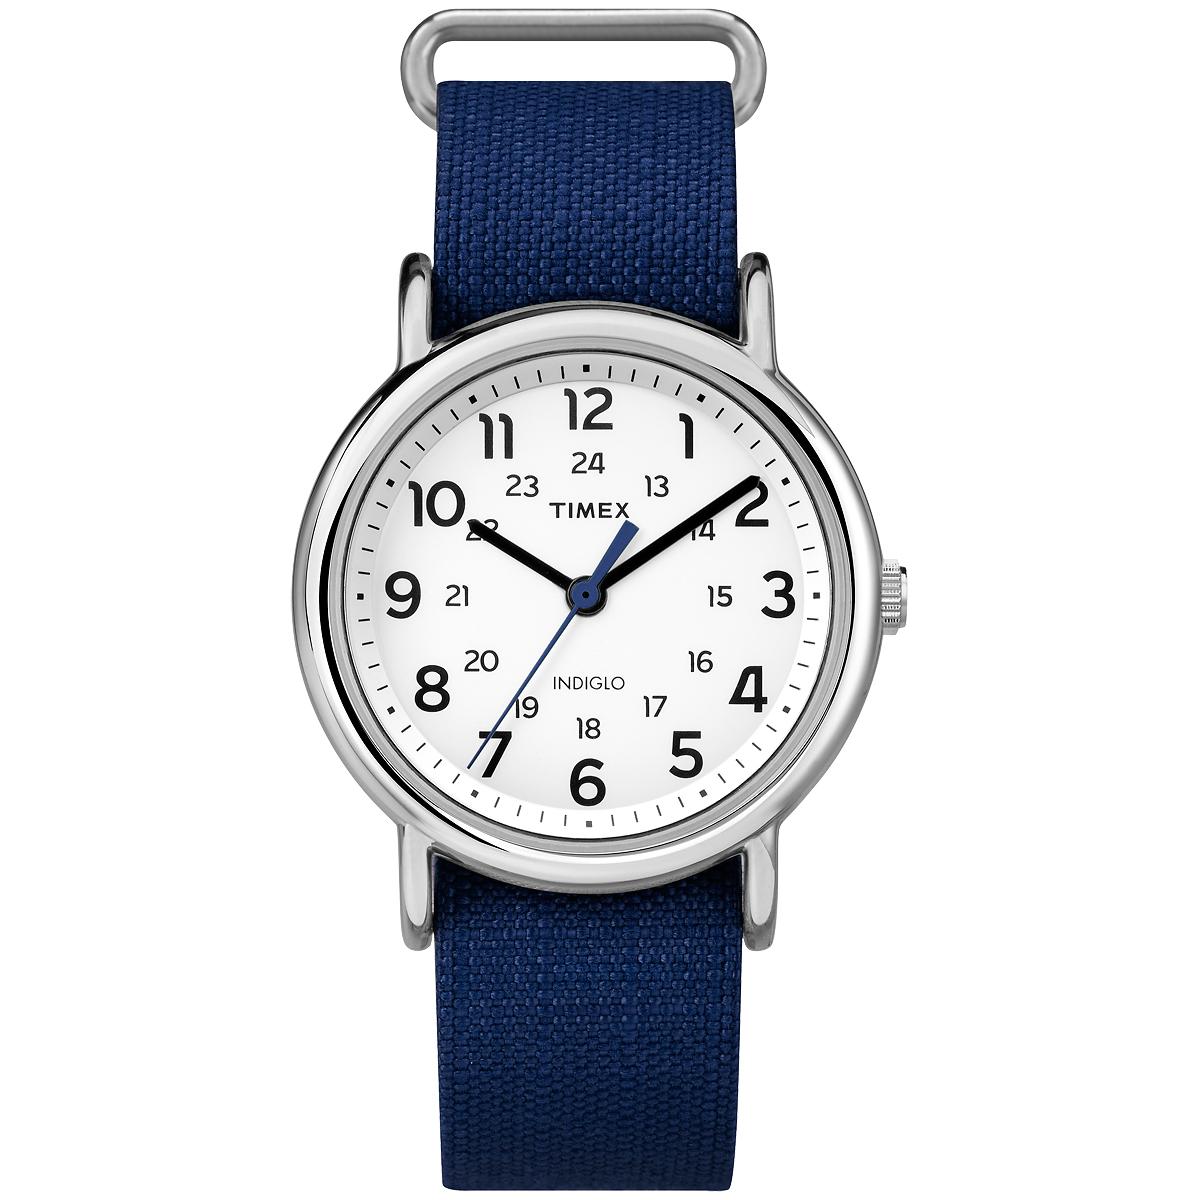 TIMEX WEEKENDER RIP-STOP - NAVY (TW2P658009J)